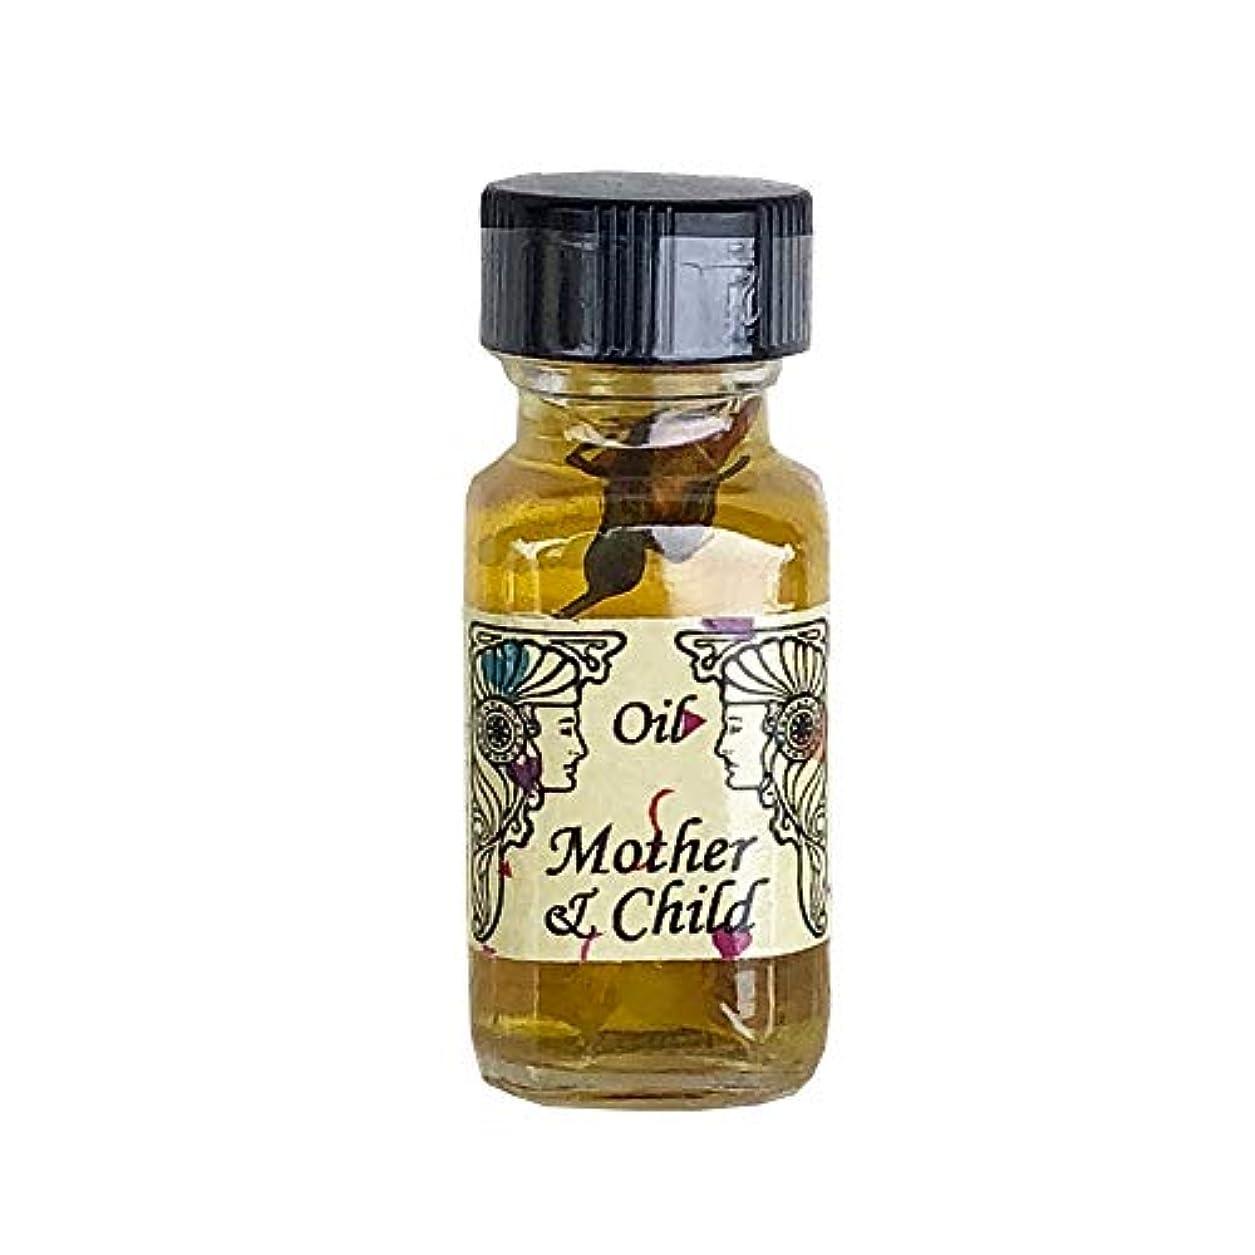 いう有罪提出するSEDONA Ancient Memory Oils セドナ アンシェントメモリーオイル Mother and Child 母と子 15ml